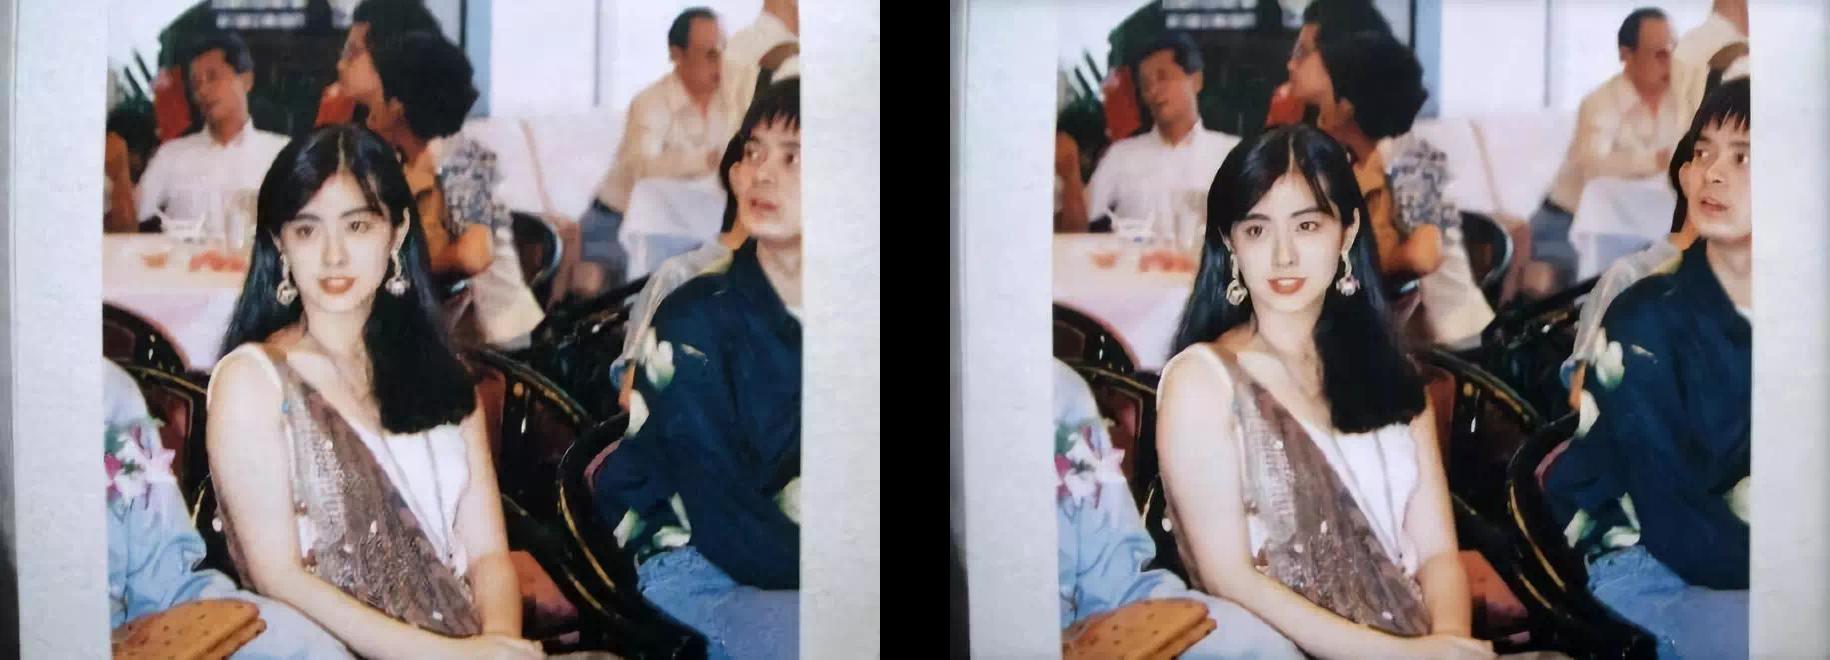 Ngọc nữ Hồng Kông năm 90 tái hiện thần sầu qua ảnh: Hơn 2 thập kỷ vẫn nét căng như vừa chụp?-2